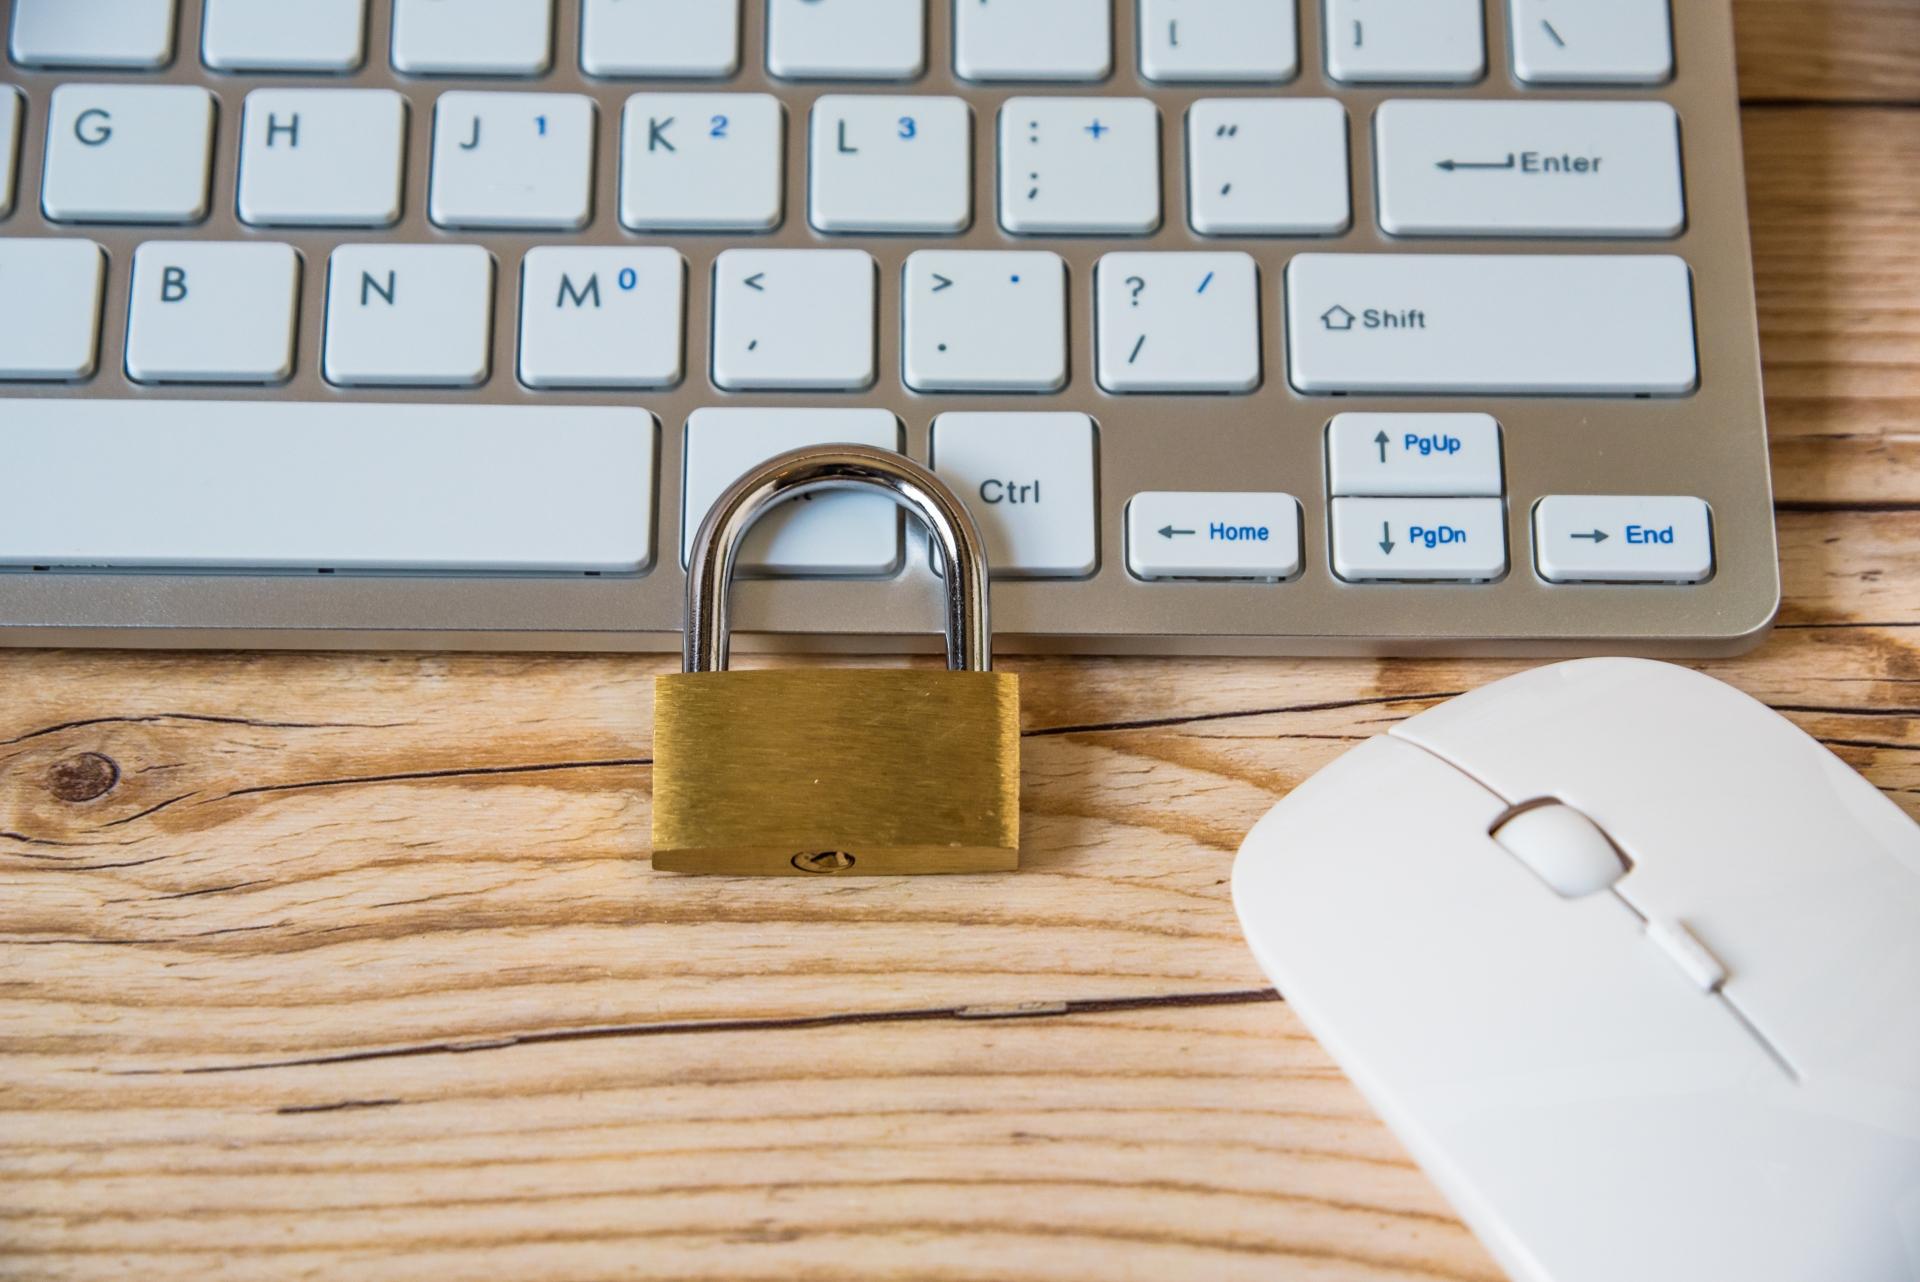 ファイルレスマルウェアとは? 企業は何に注意すべきか